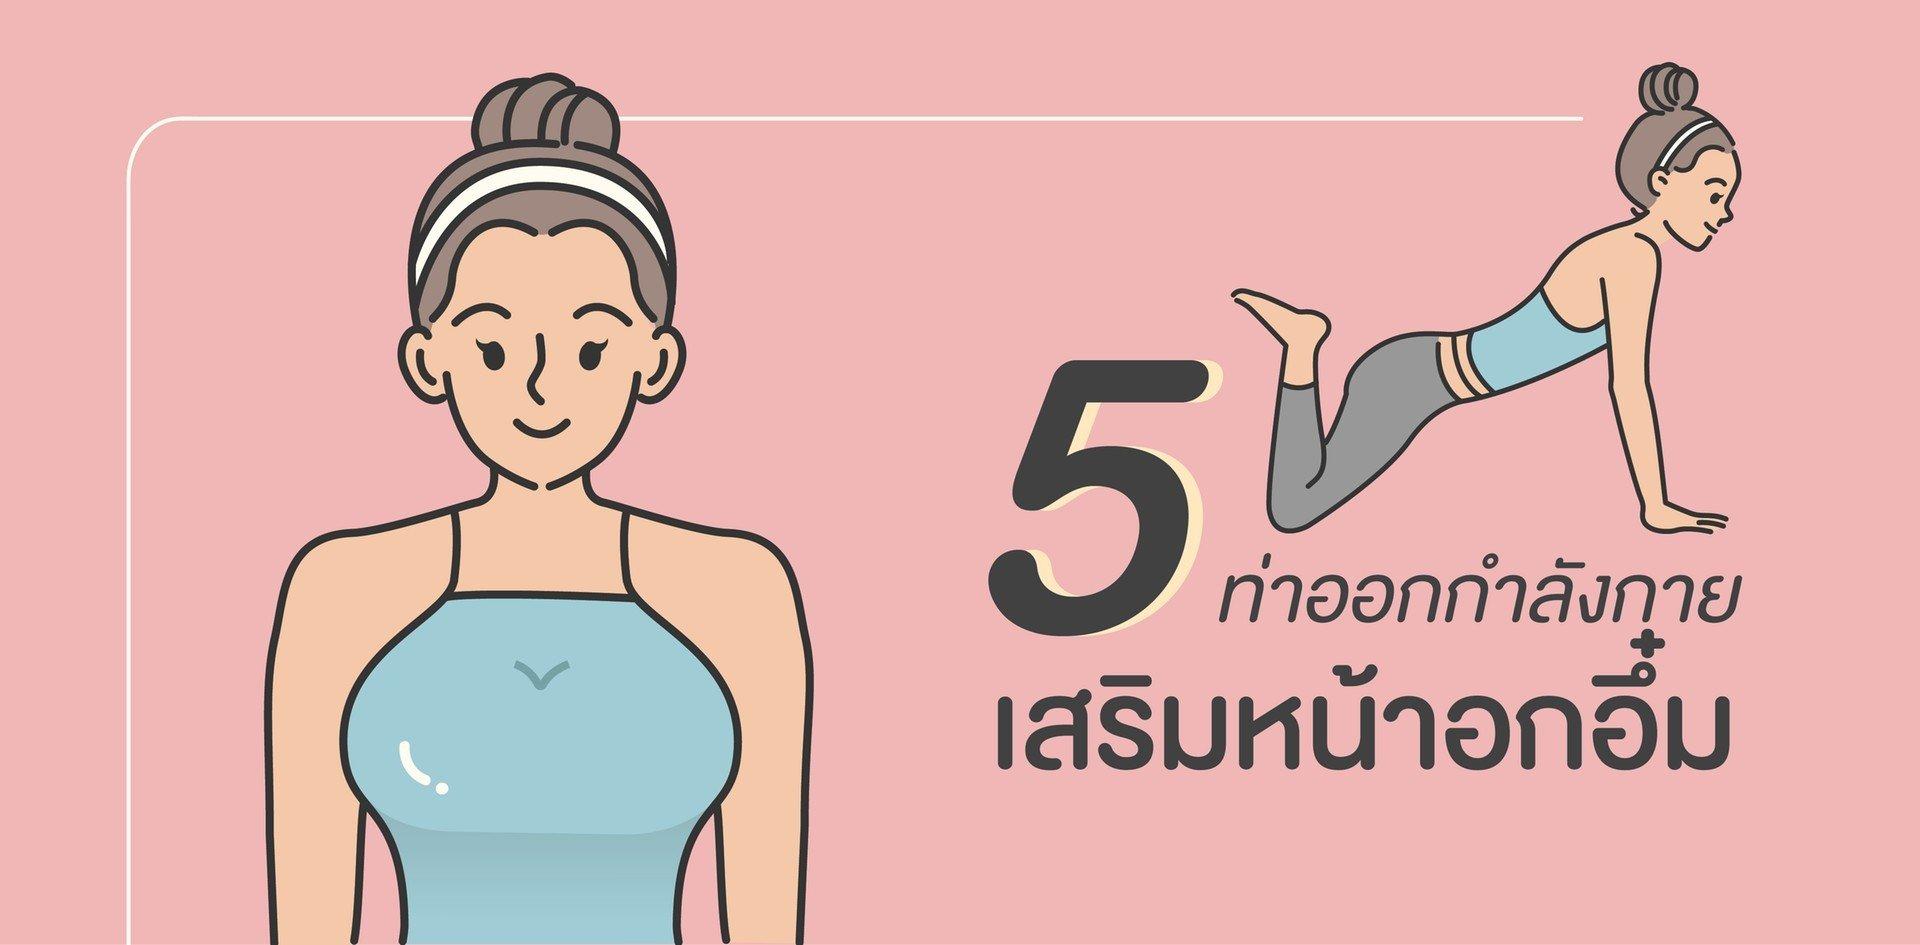 5 ท่าออกกำลังกายเสริมหน้าอกอึ๋ม !